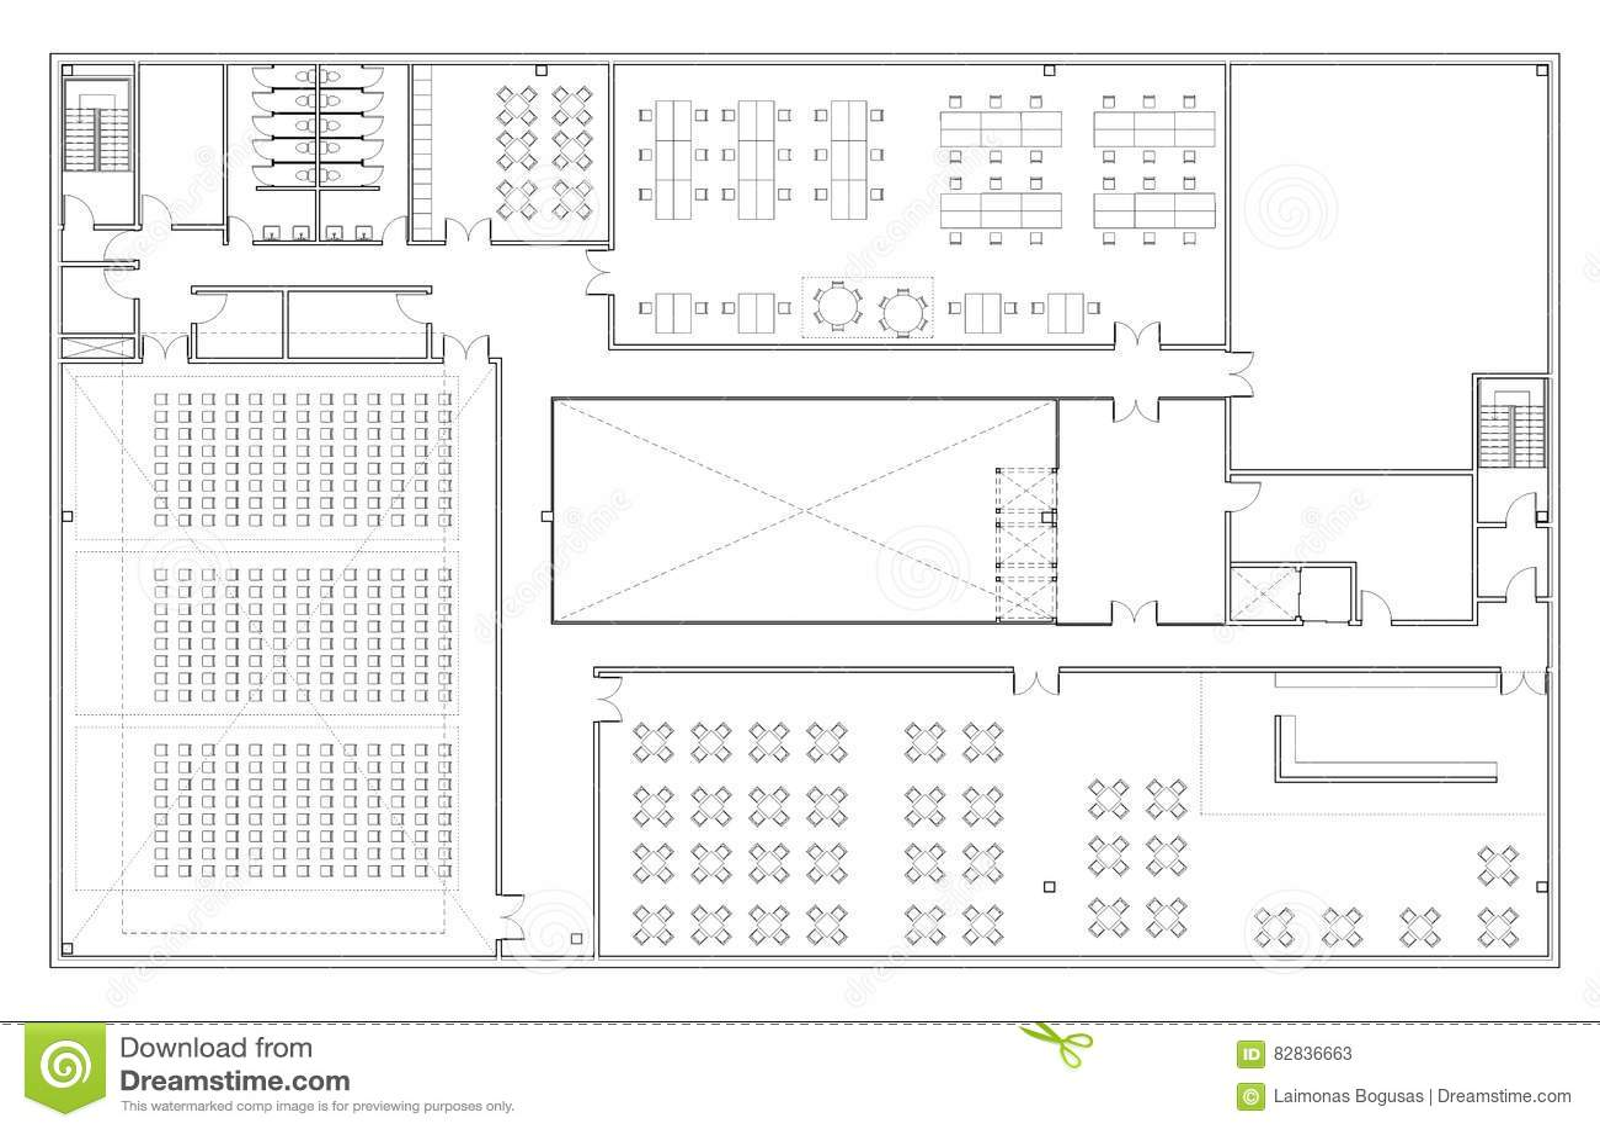 Fabuloso Planta Baixa Do Prédio De Escritórios Ilustração Stock  GN61